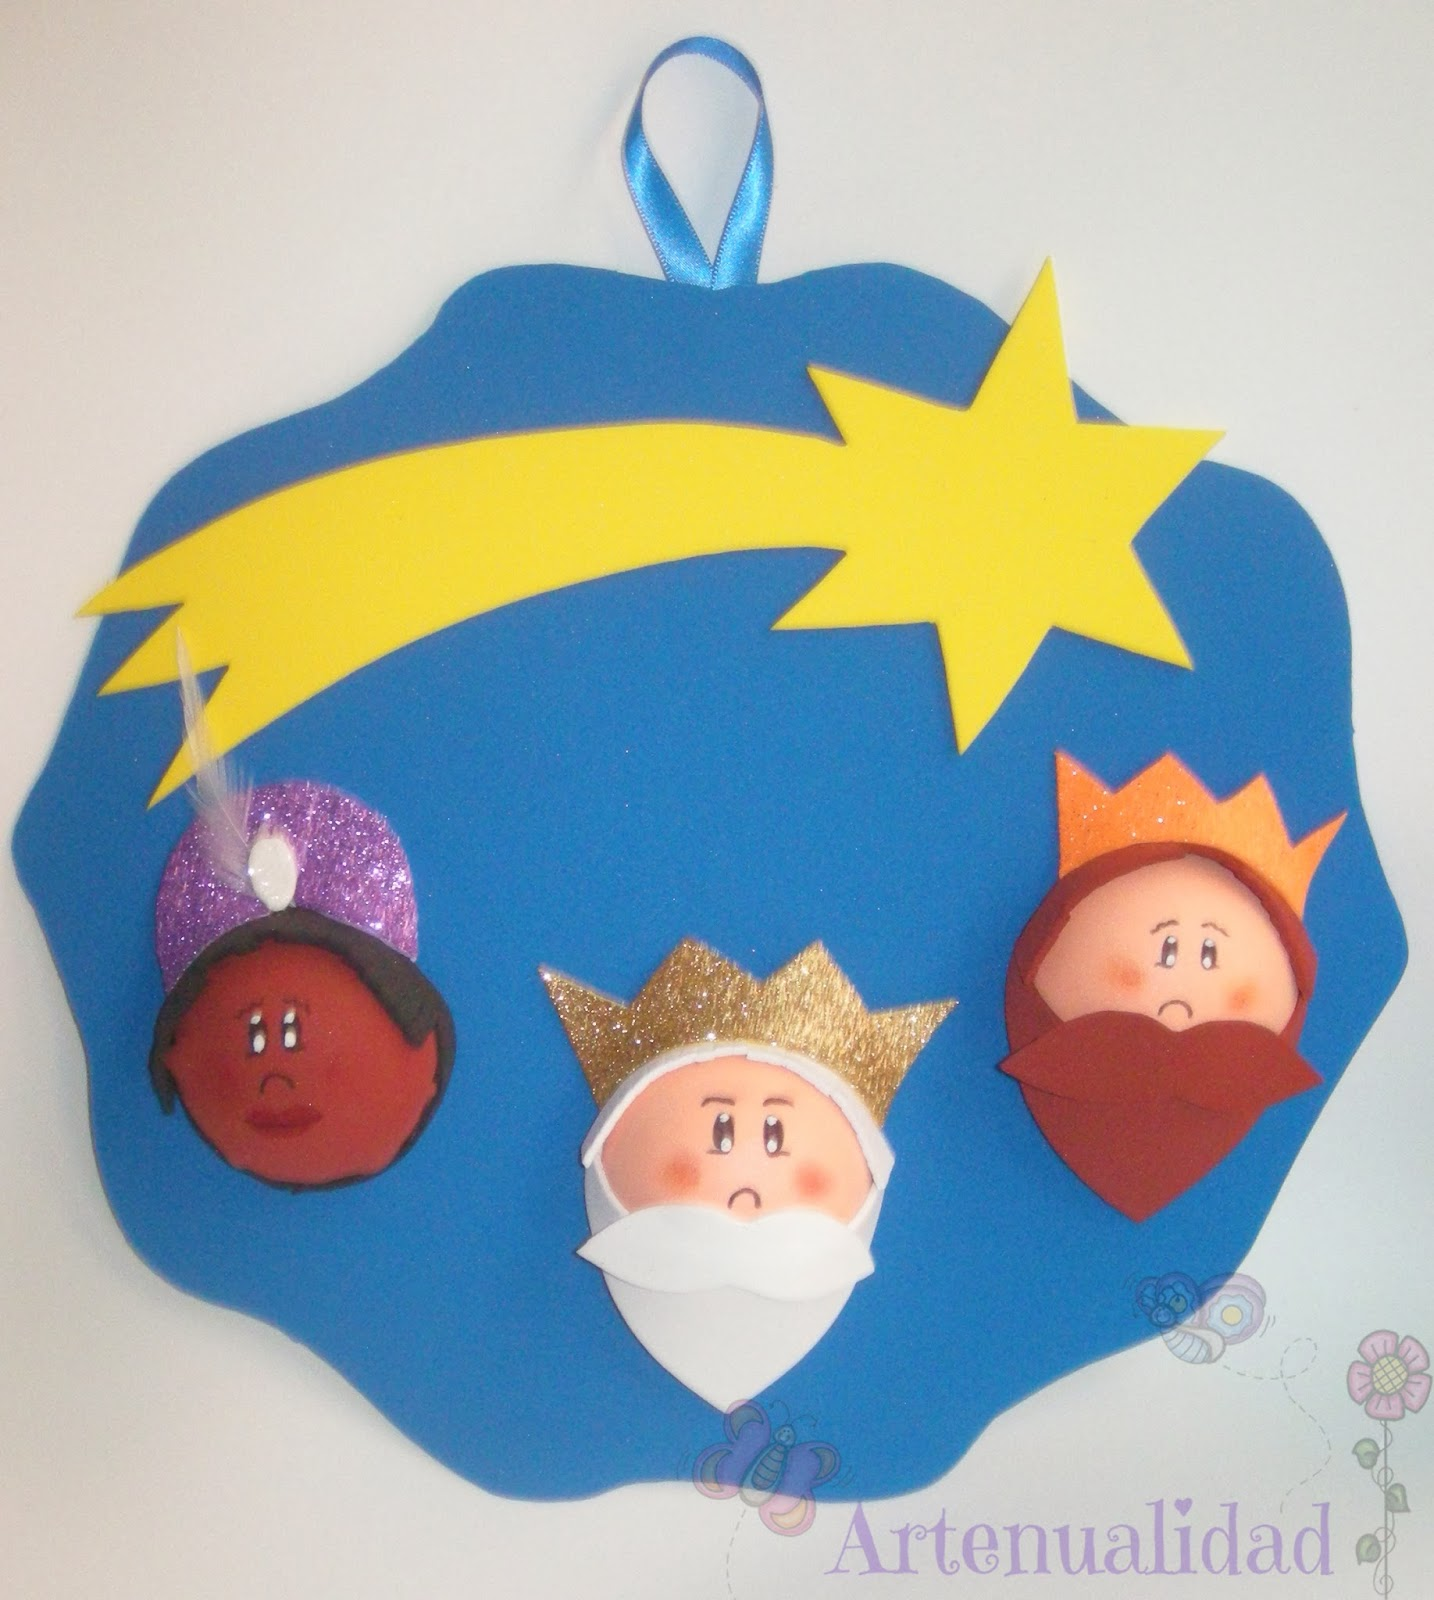 Corona De Navidad Artenualidad